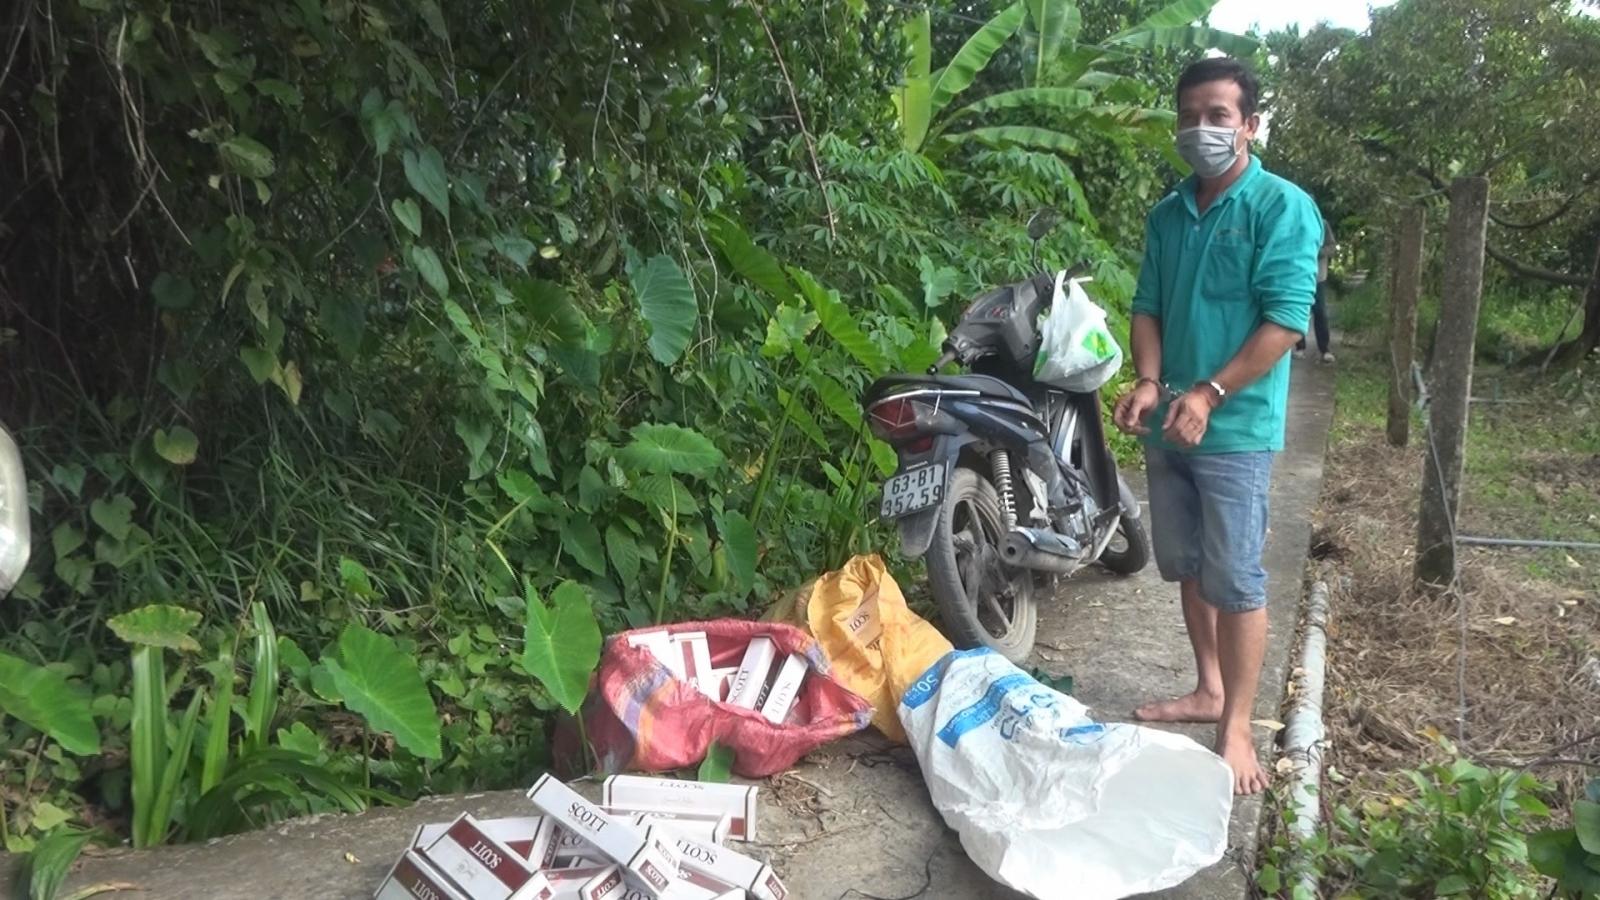 Xử lý 2 đối tượng vận chuyển hơn 2000 gói thuốc lá nhập lậu